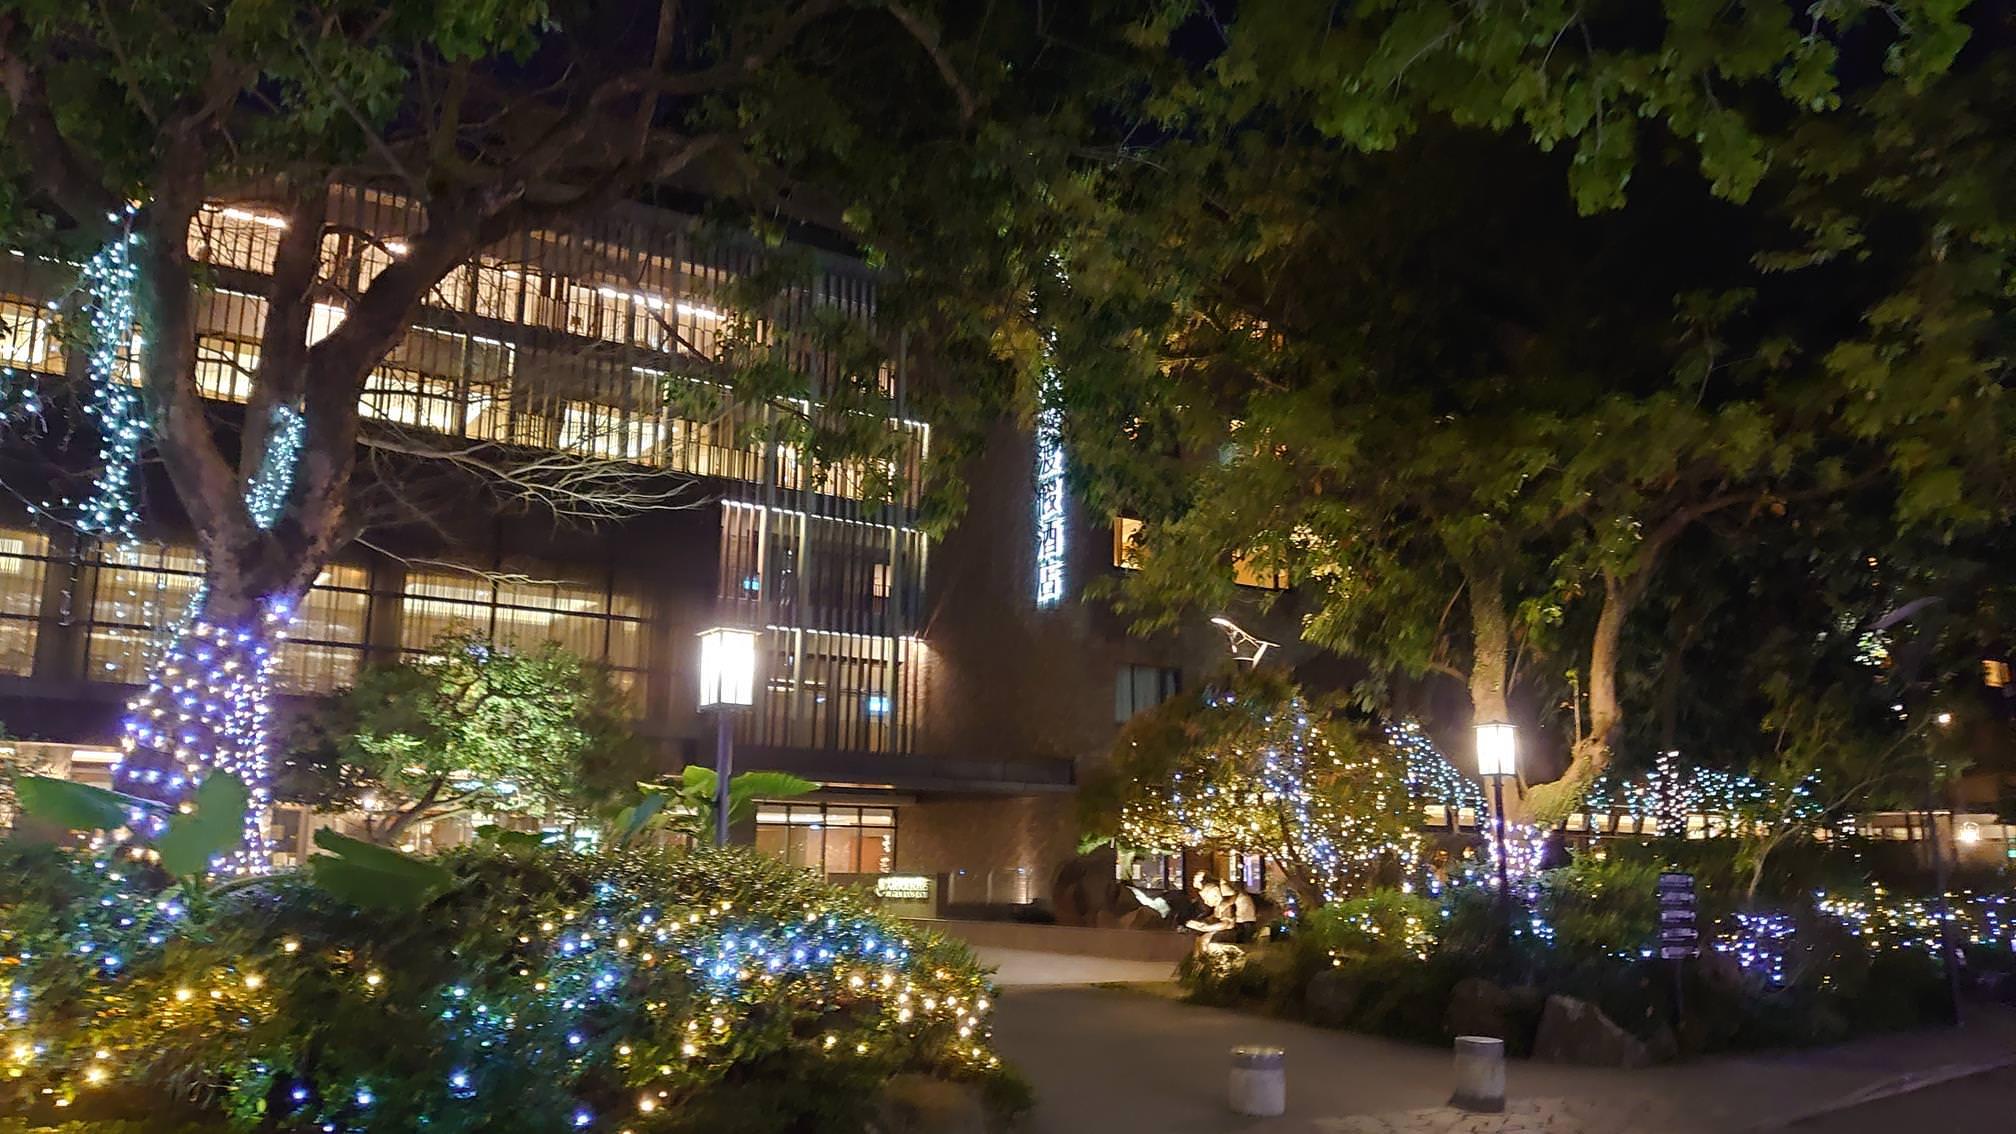 大板根森林温泉酒店 大板根 溫泉 大板根森林遊樂區 台北 三峽 住宿 溫泉住宿推薦 親子住宿